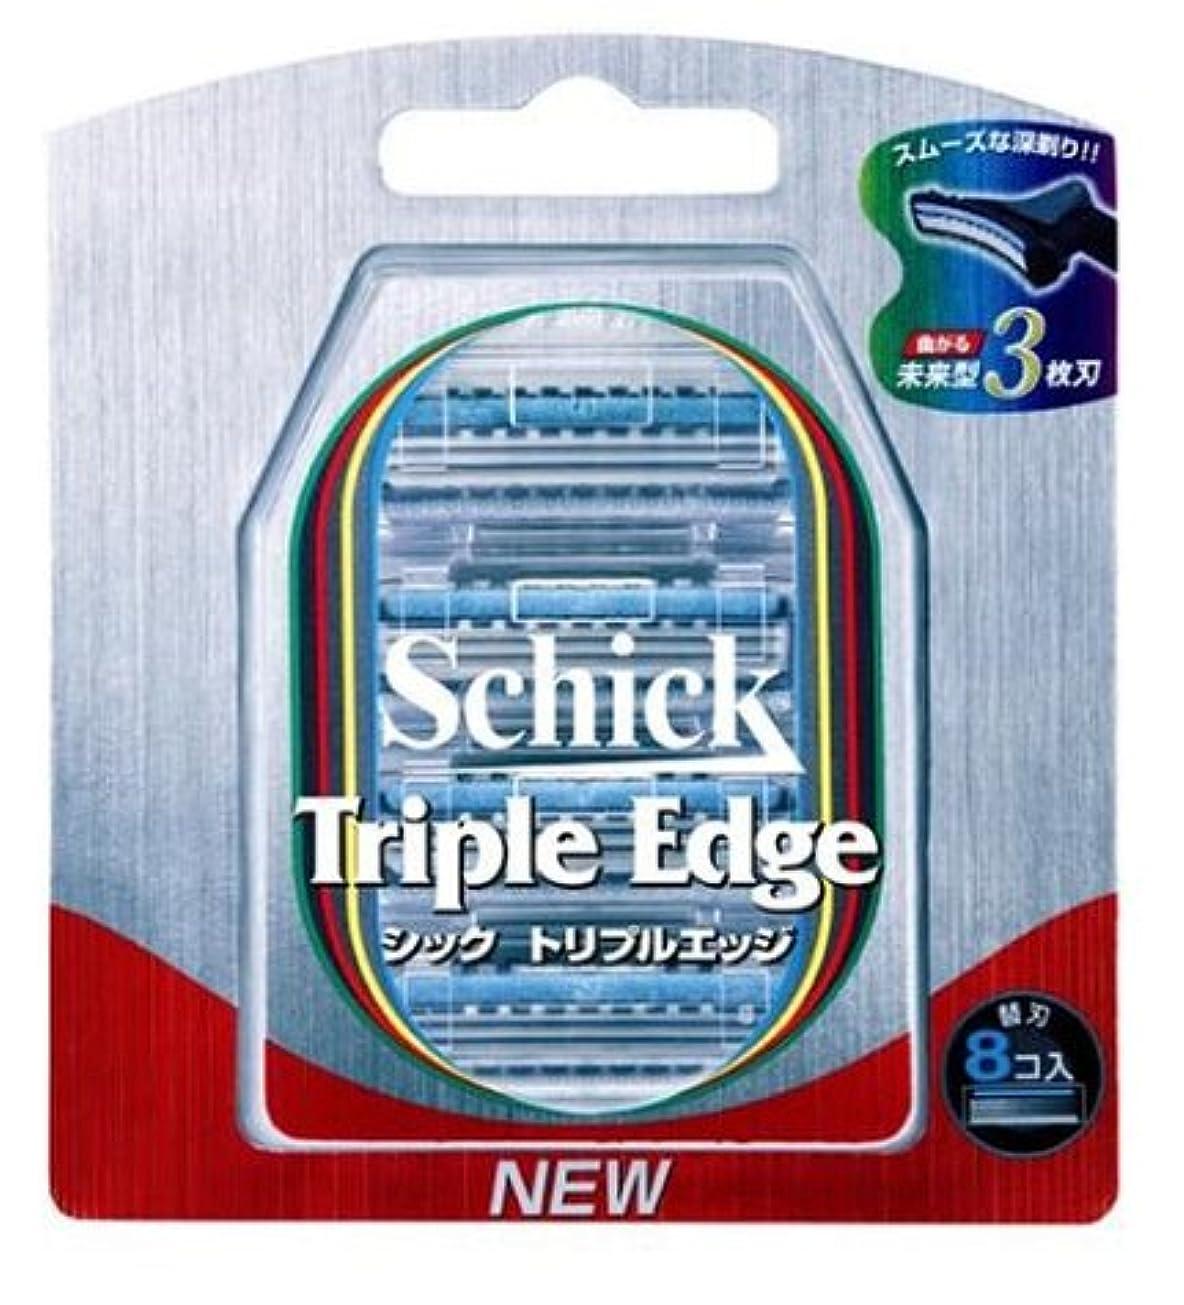 好ましい谷絶縁するシック トリプルエッジ替刃 8コ入り